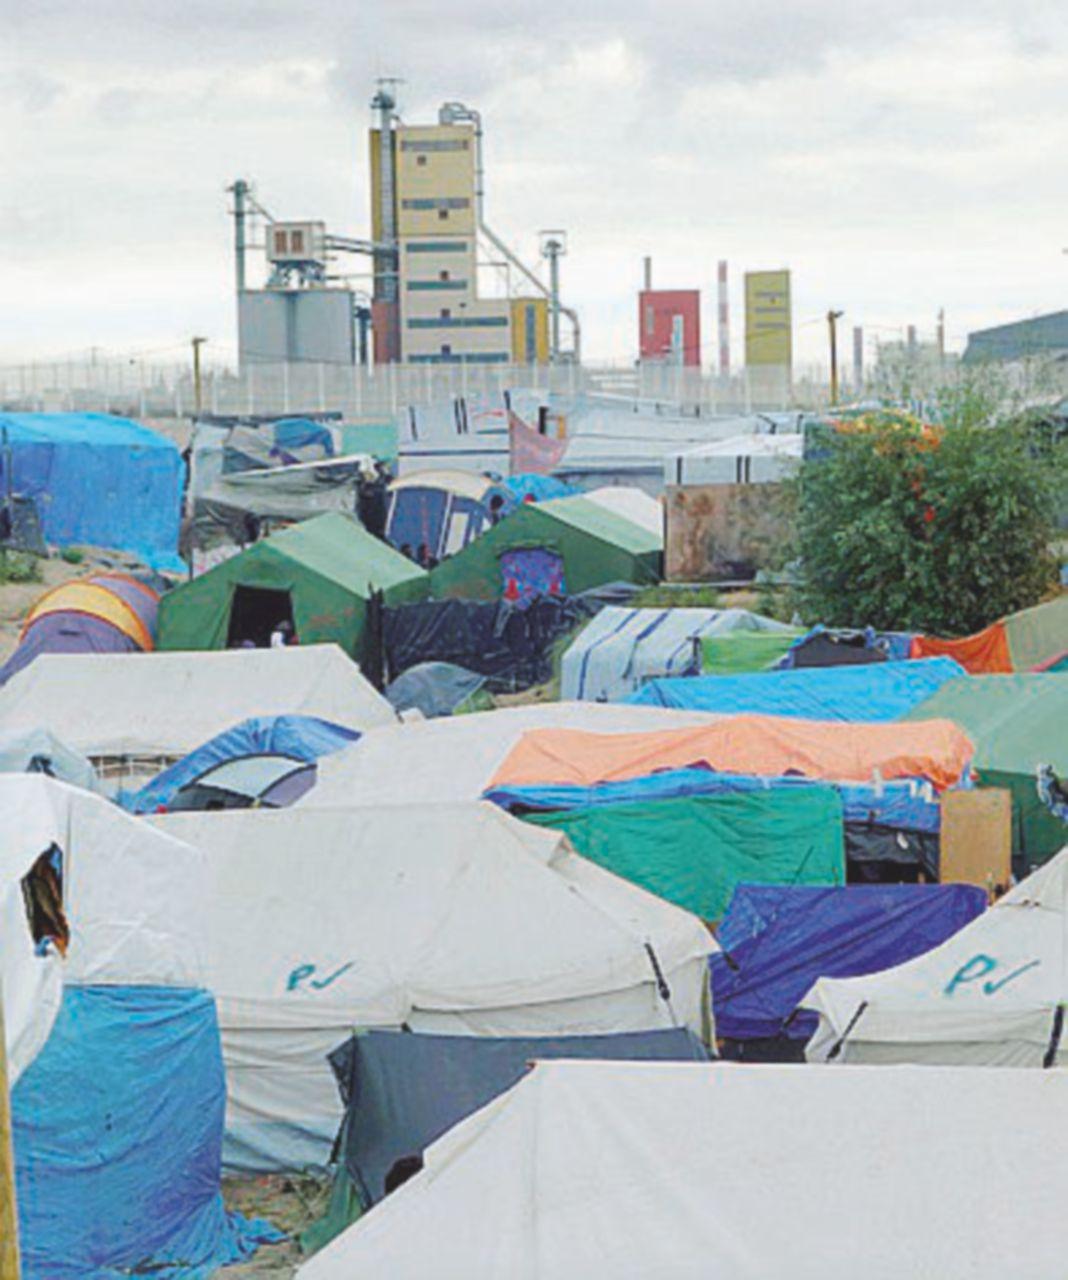 Se Calais diventa l'apocalisse mediatica sulla fine dell'Europa